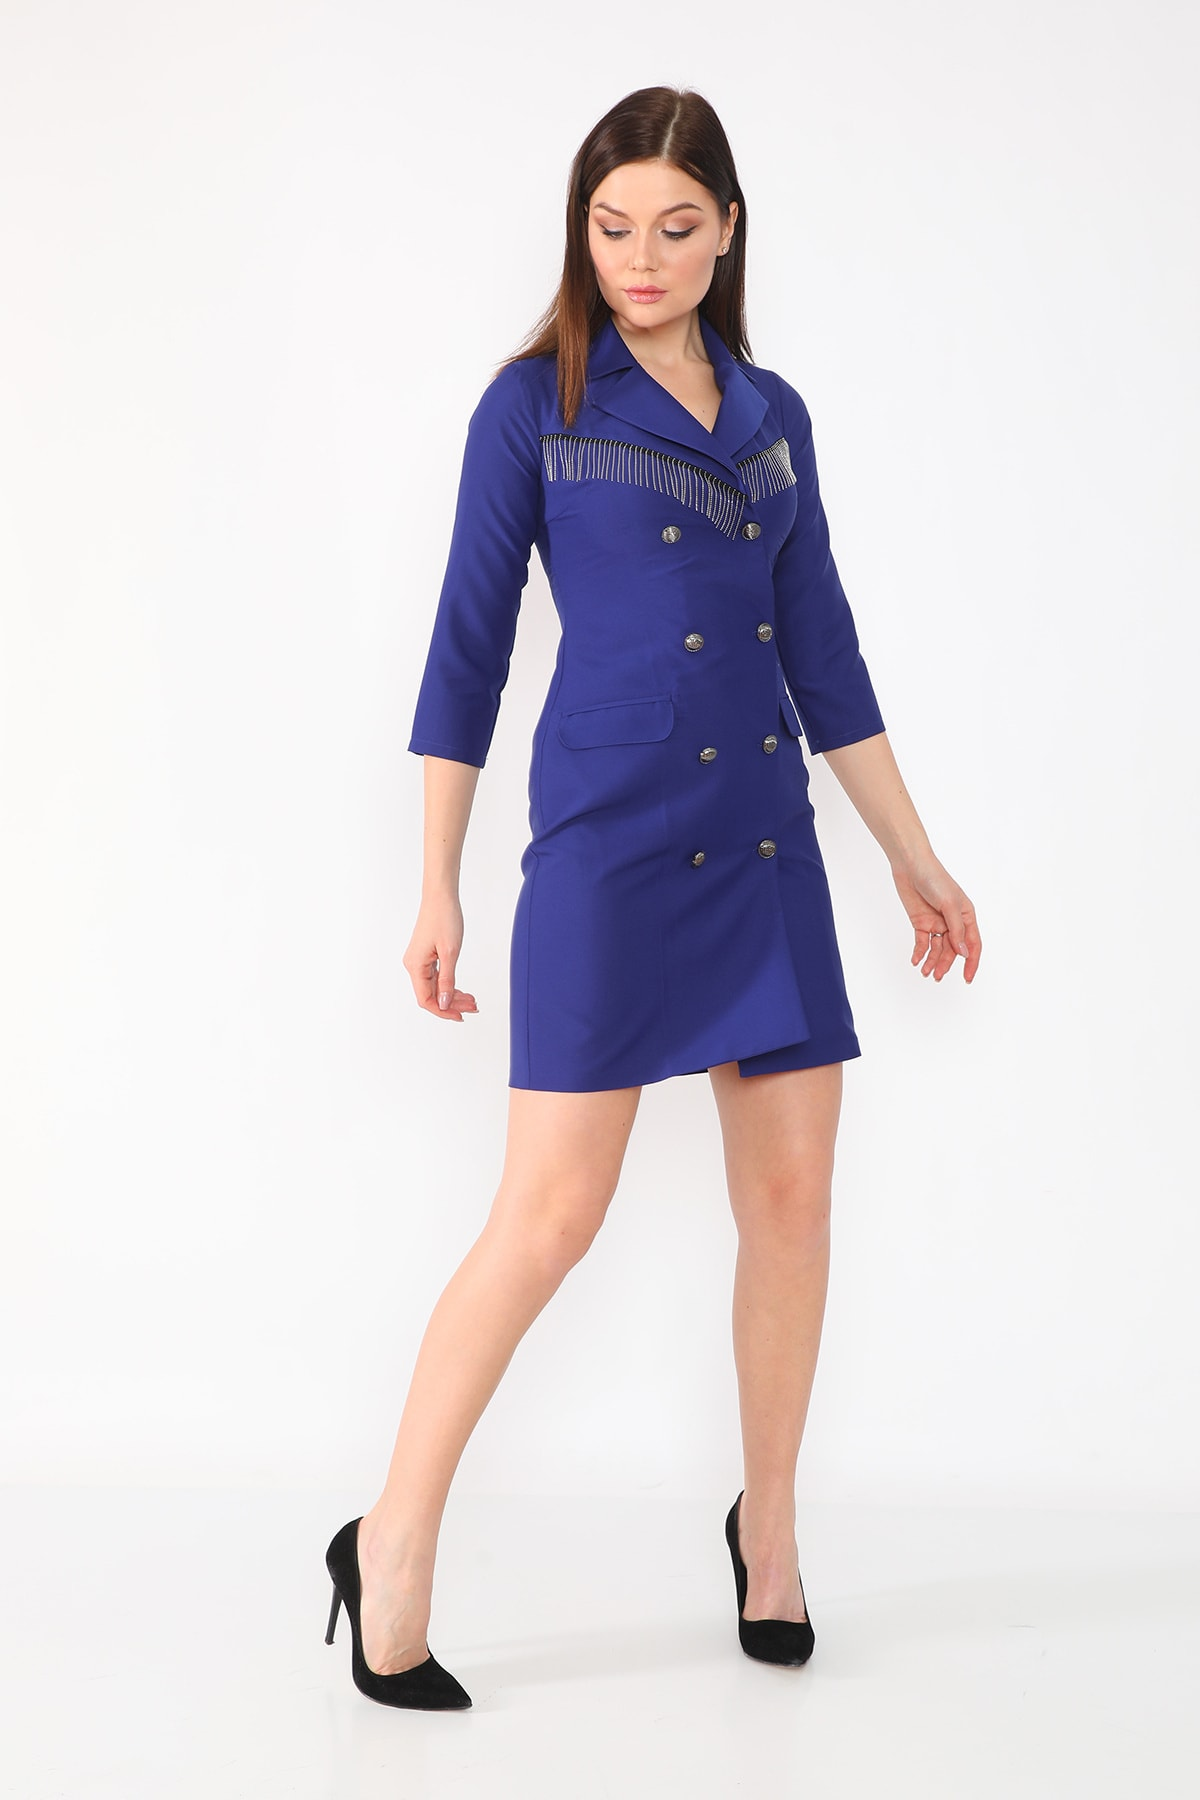 etselements Göğüs Zincir Detaylı Düğme Kapama Ve Sahte Cepli Kruvaze Yaka Elbise